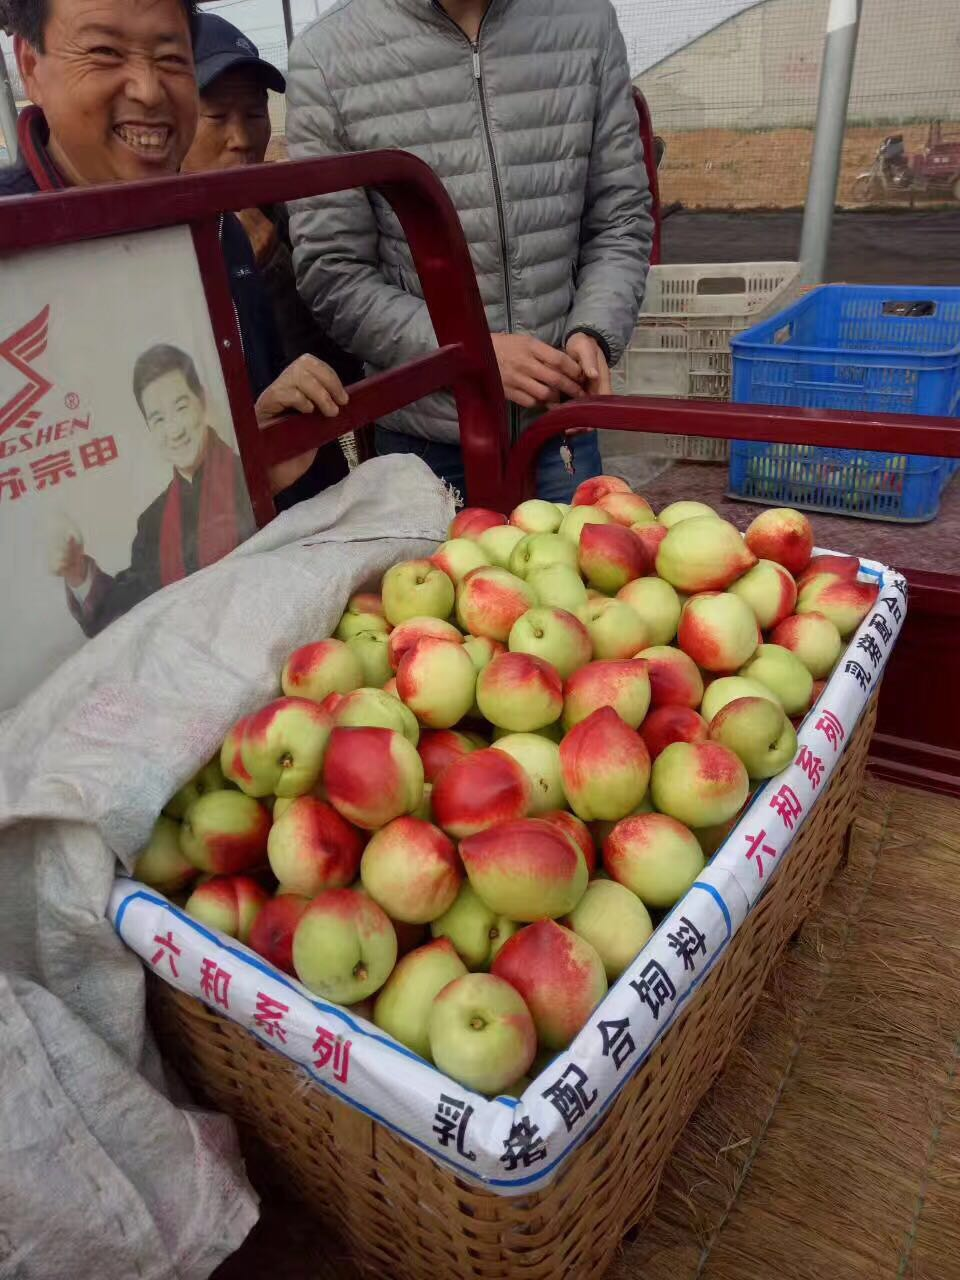 山东批发油桃、供应油桃场地、直销油桃、油桃销售、油桃热卖、油桃树